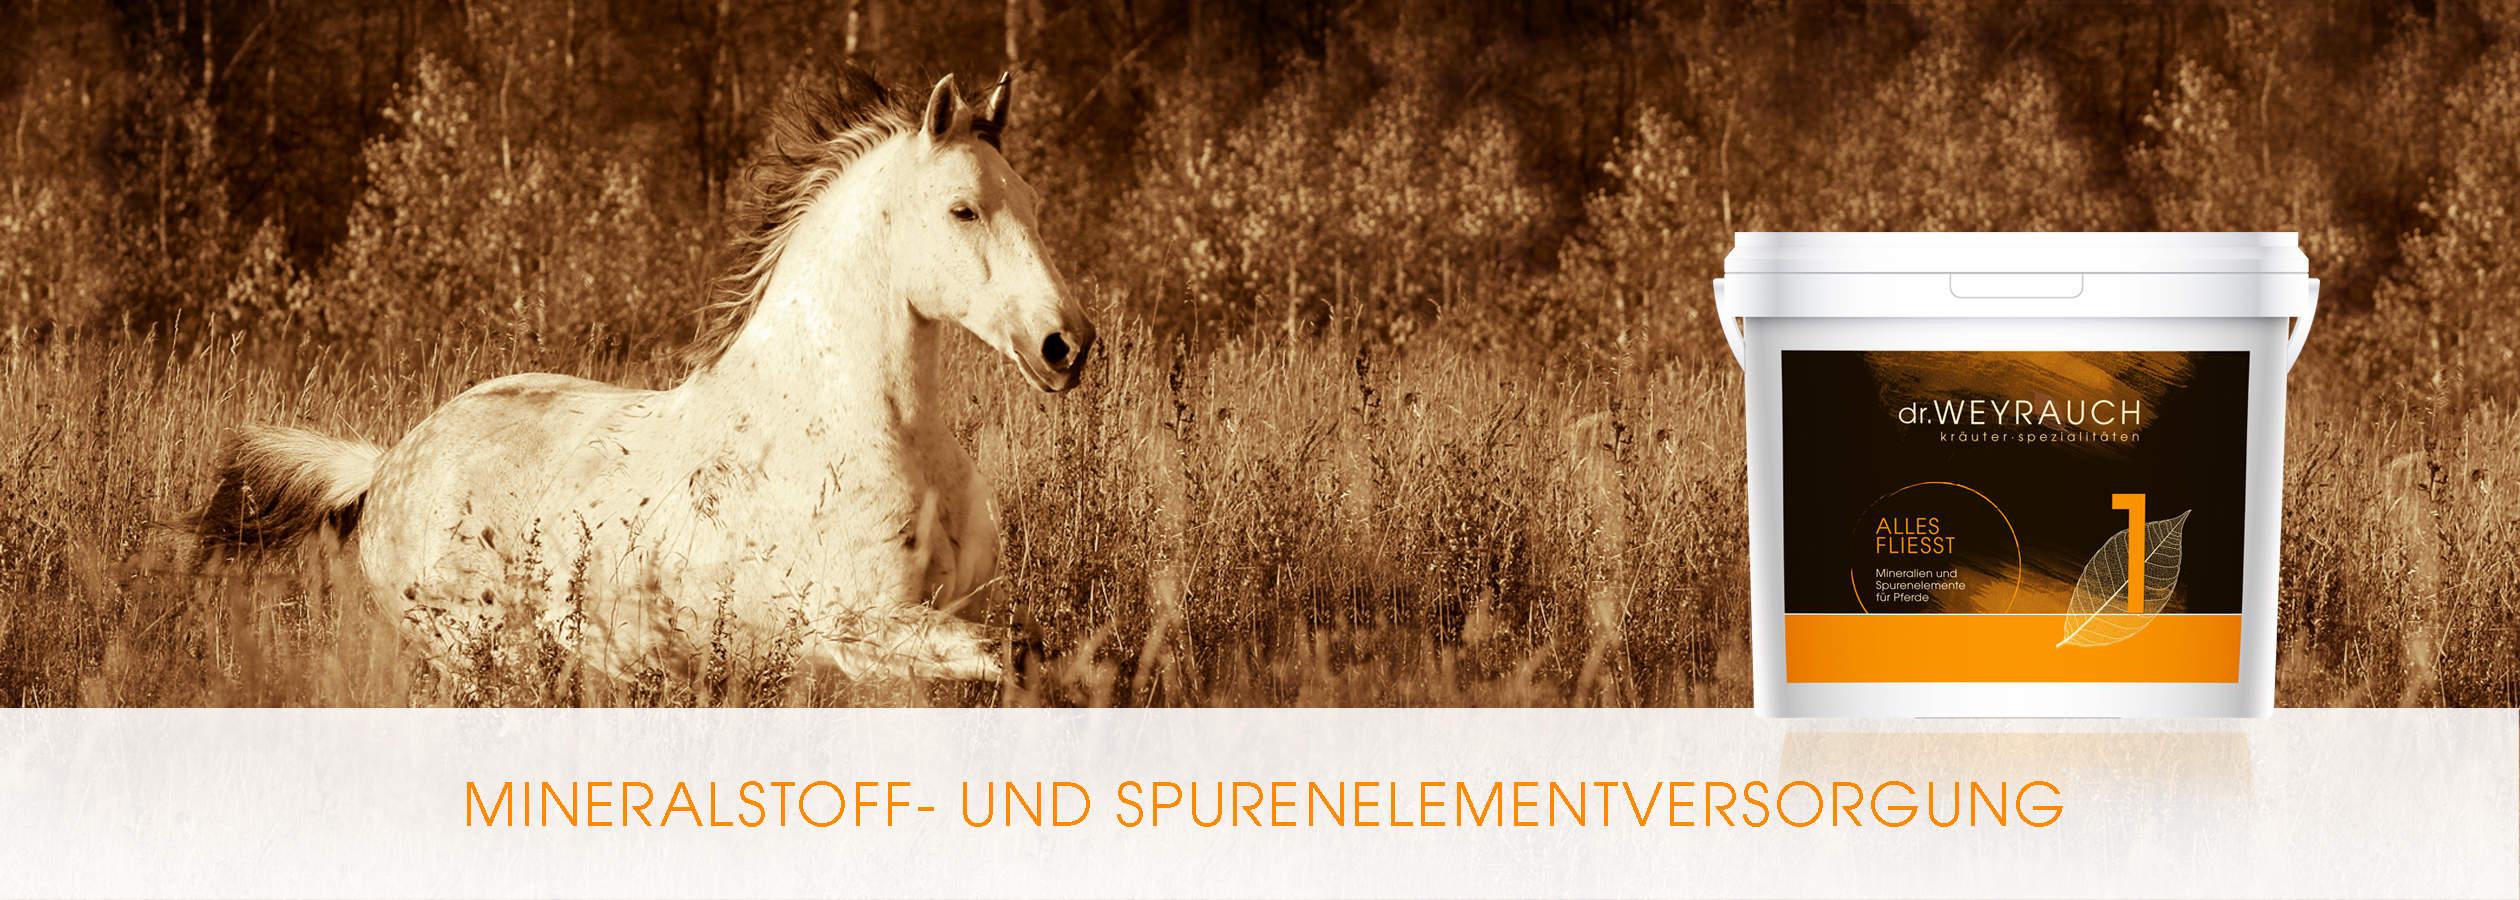 HEADER-2017-Alles-Fliesst-Pferd